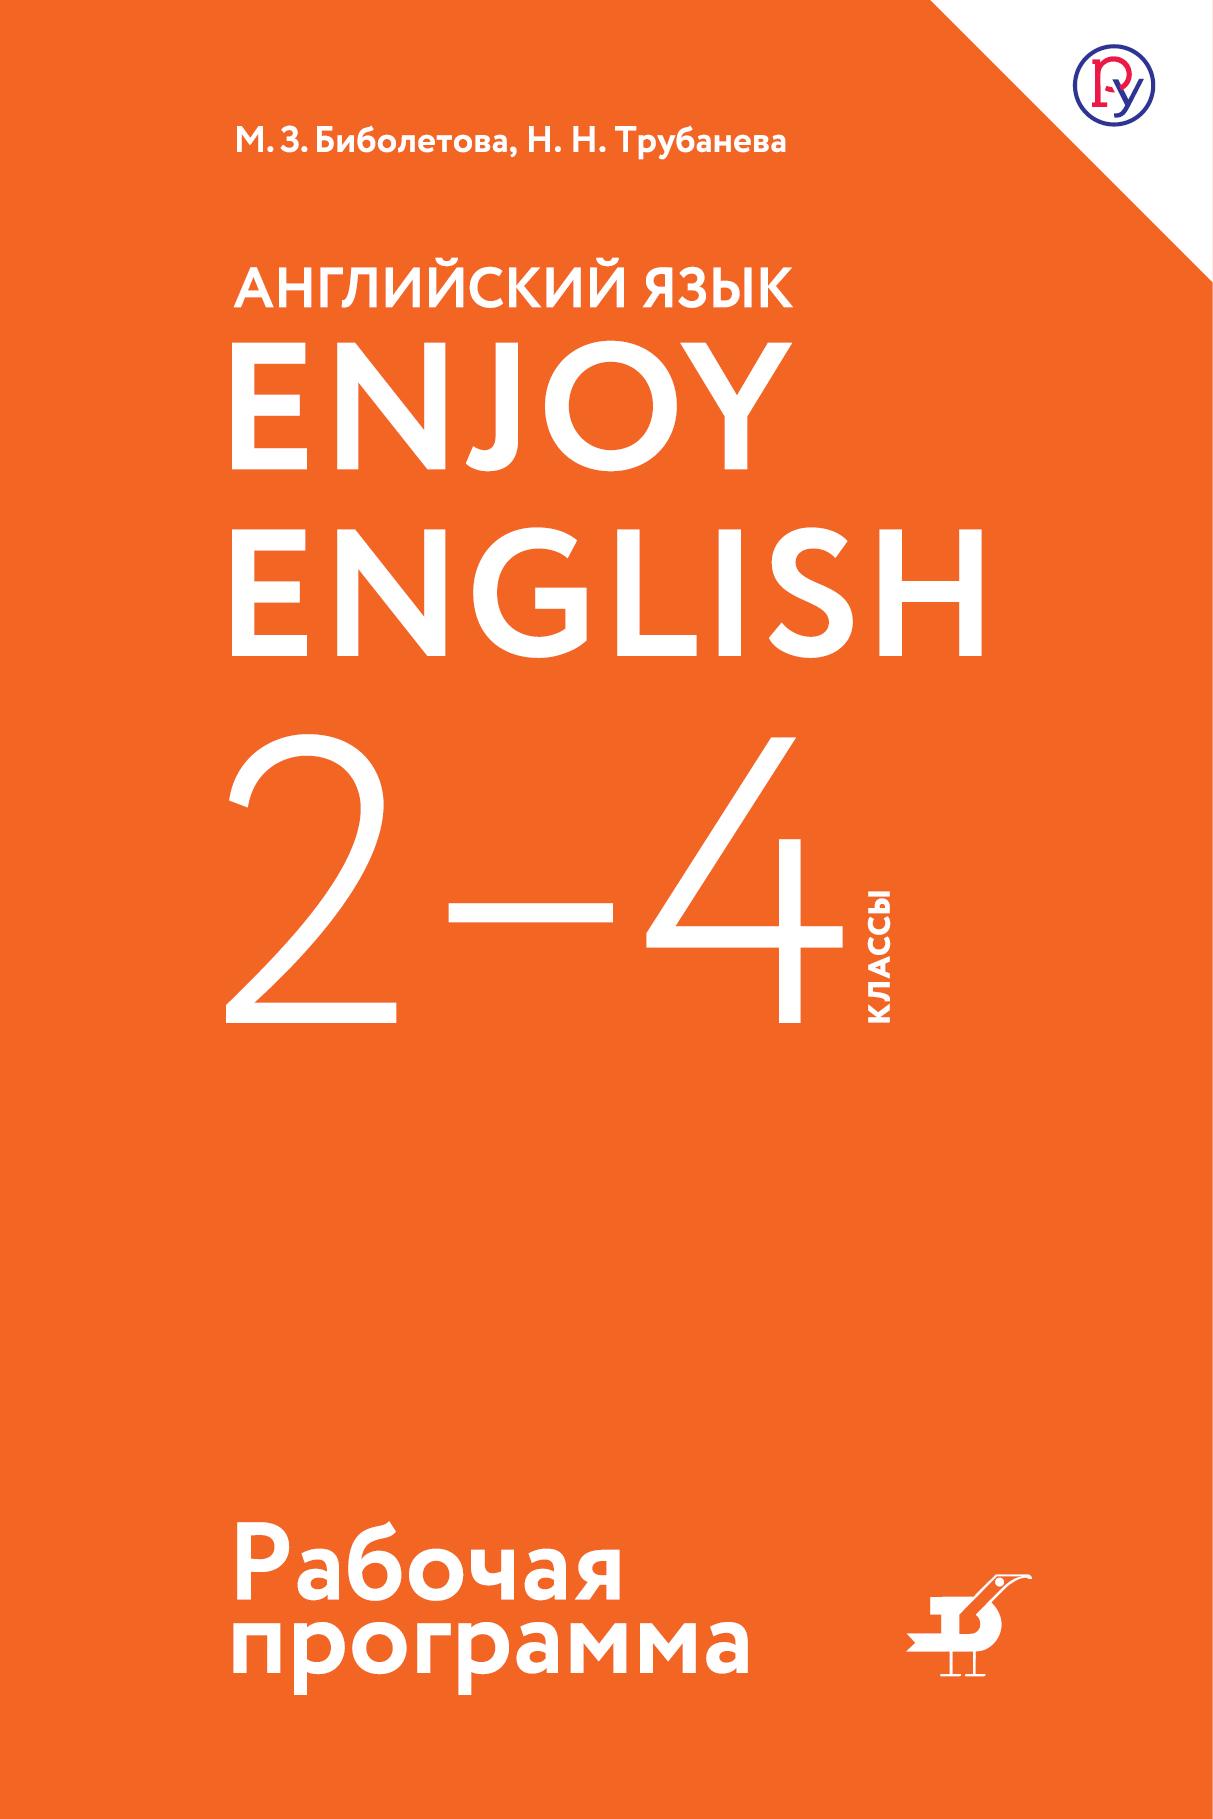 М. З. Биболетова Английский язык. Enjoy English. 2-4 классы. Рабочая программа м в вербицкая английский язык программа 2–4 классы